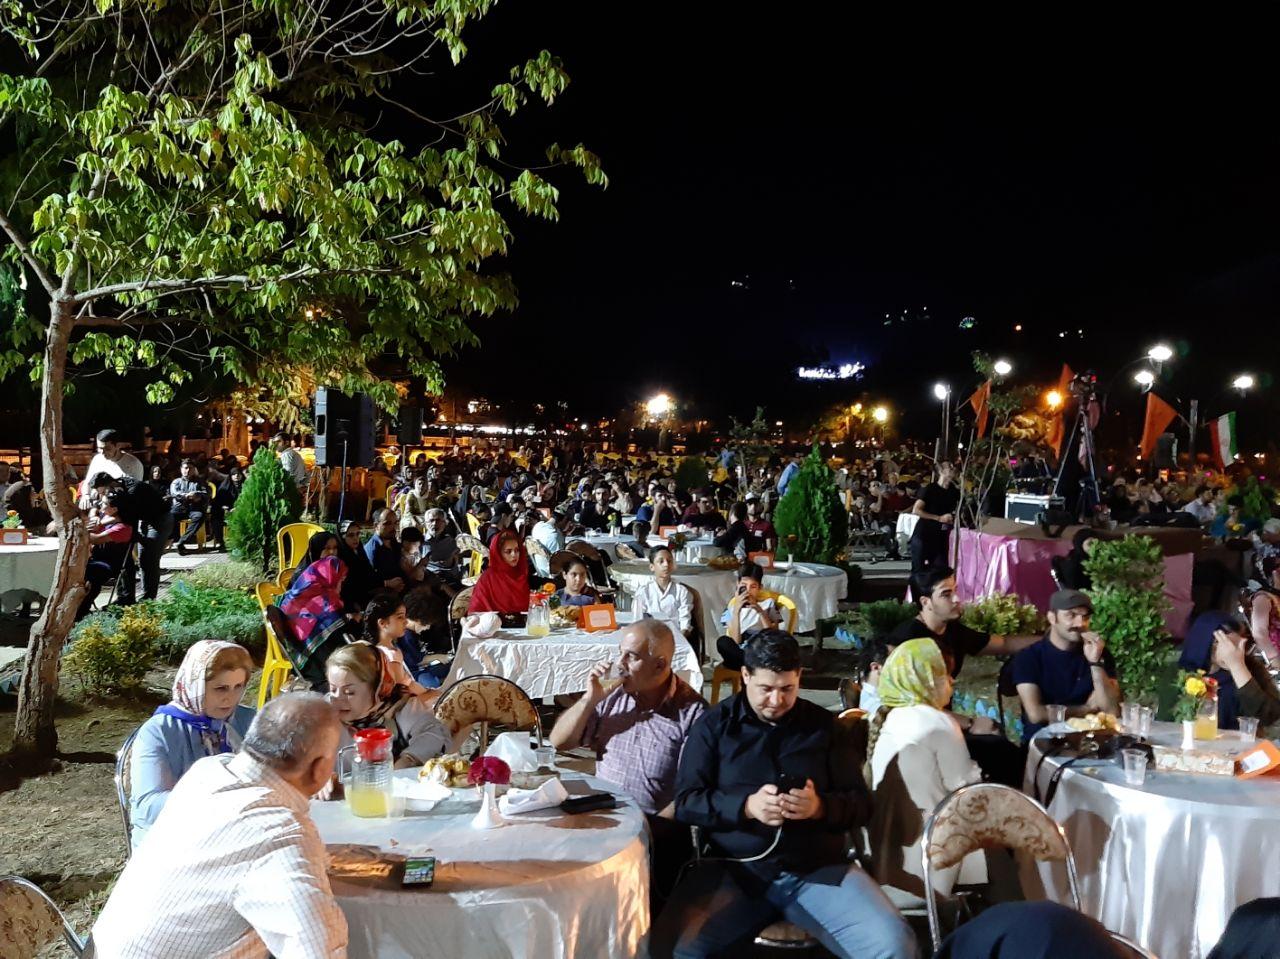 گزارش تصویری دهمین جشنواره تئاتر خیابانی شهروند لاهیجان